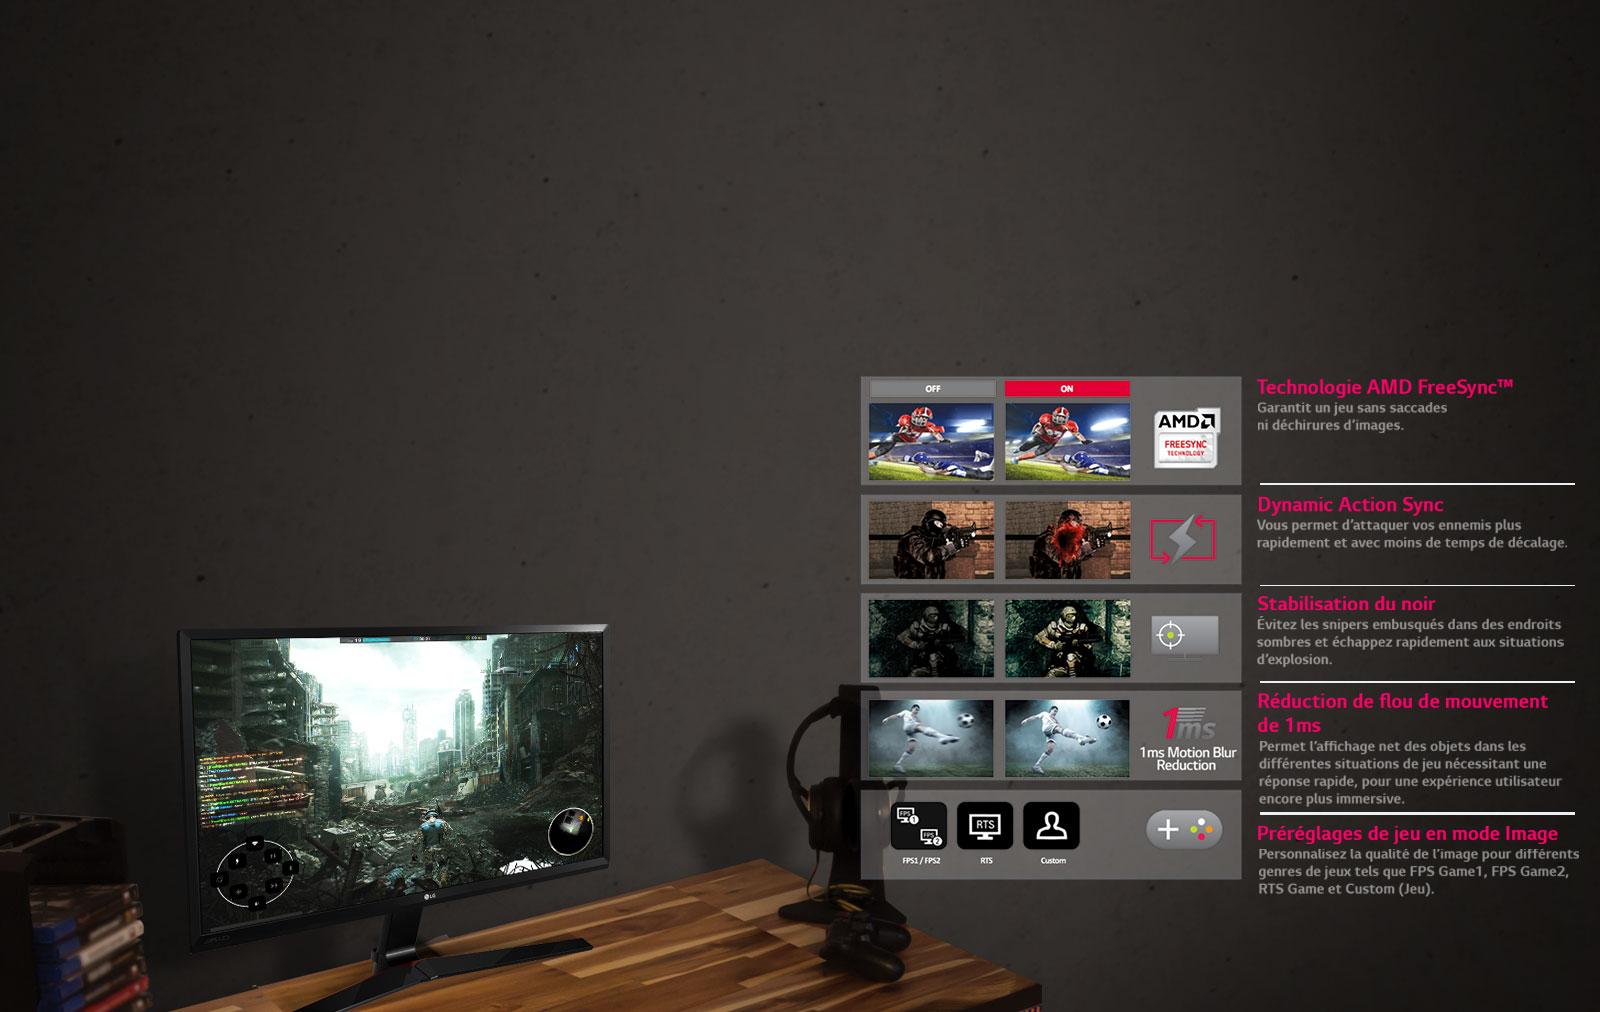 Plusieurs fonctionnalités gaming: Mode Jeu